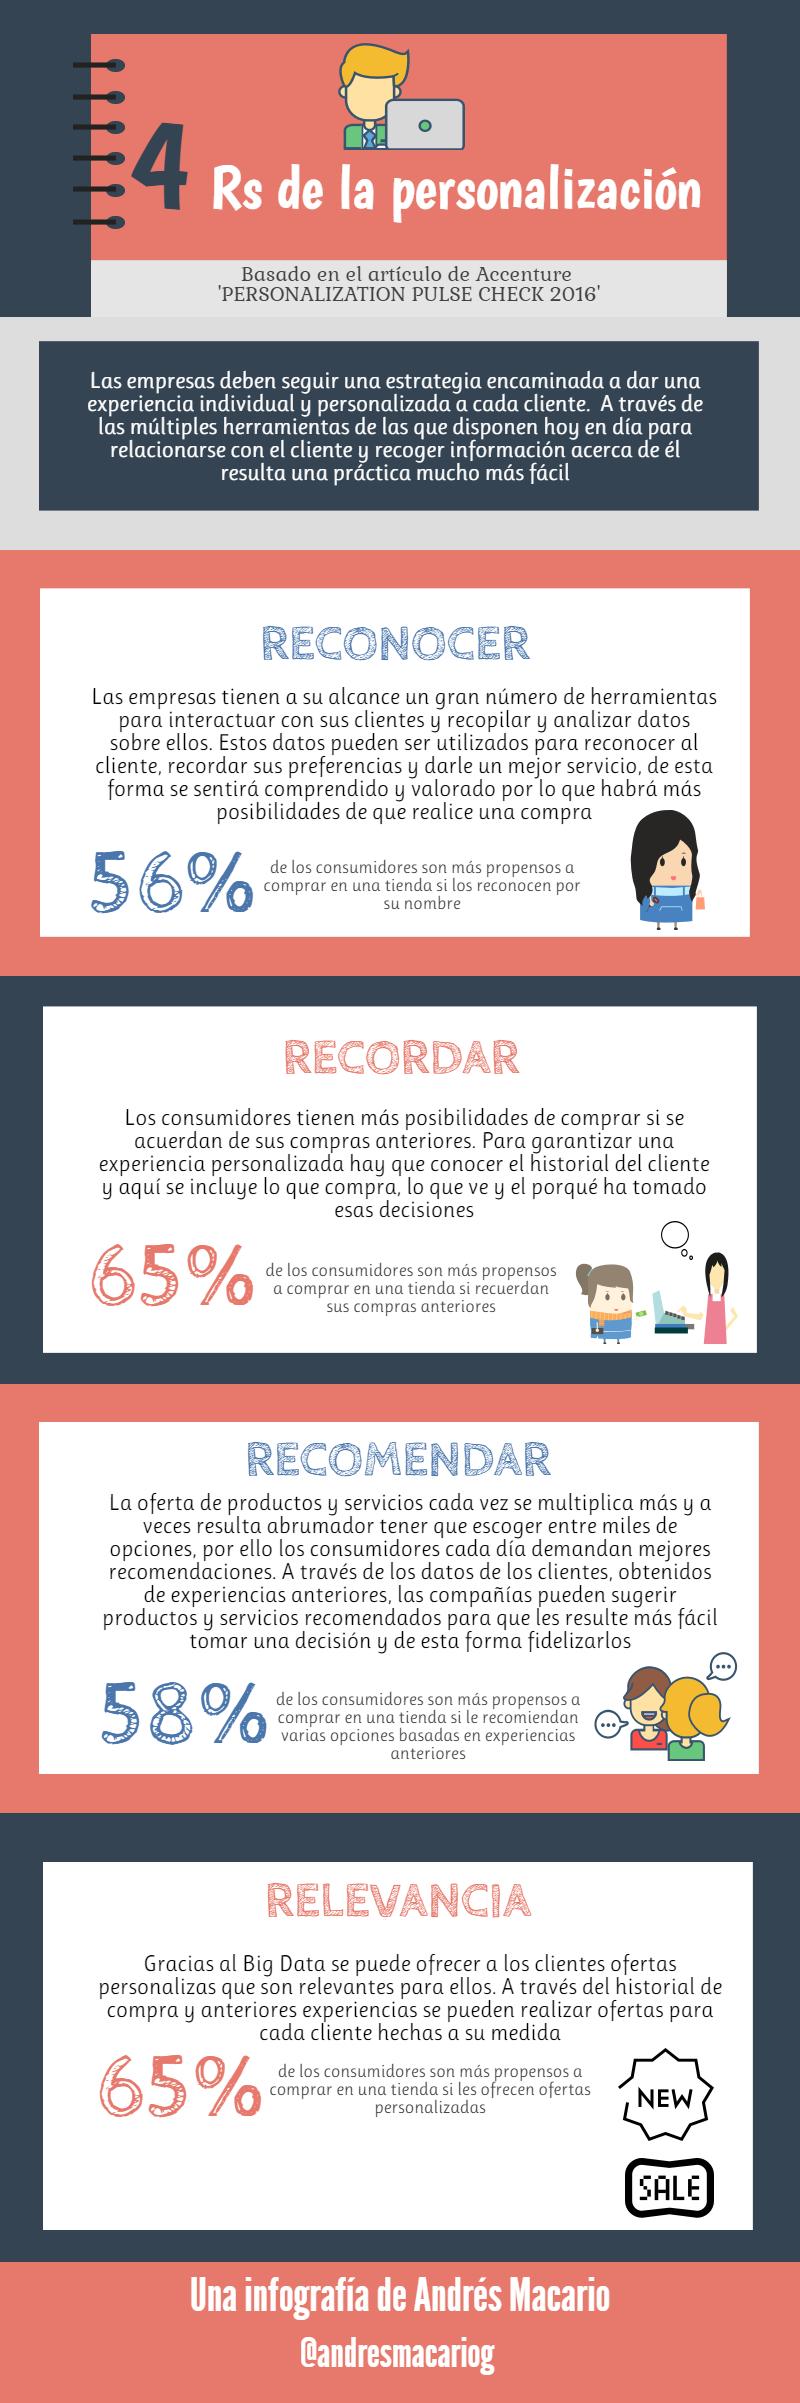 Las 4 Rs de la personalización - infografía Andrés Macario